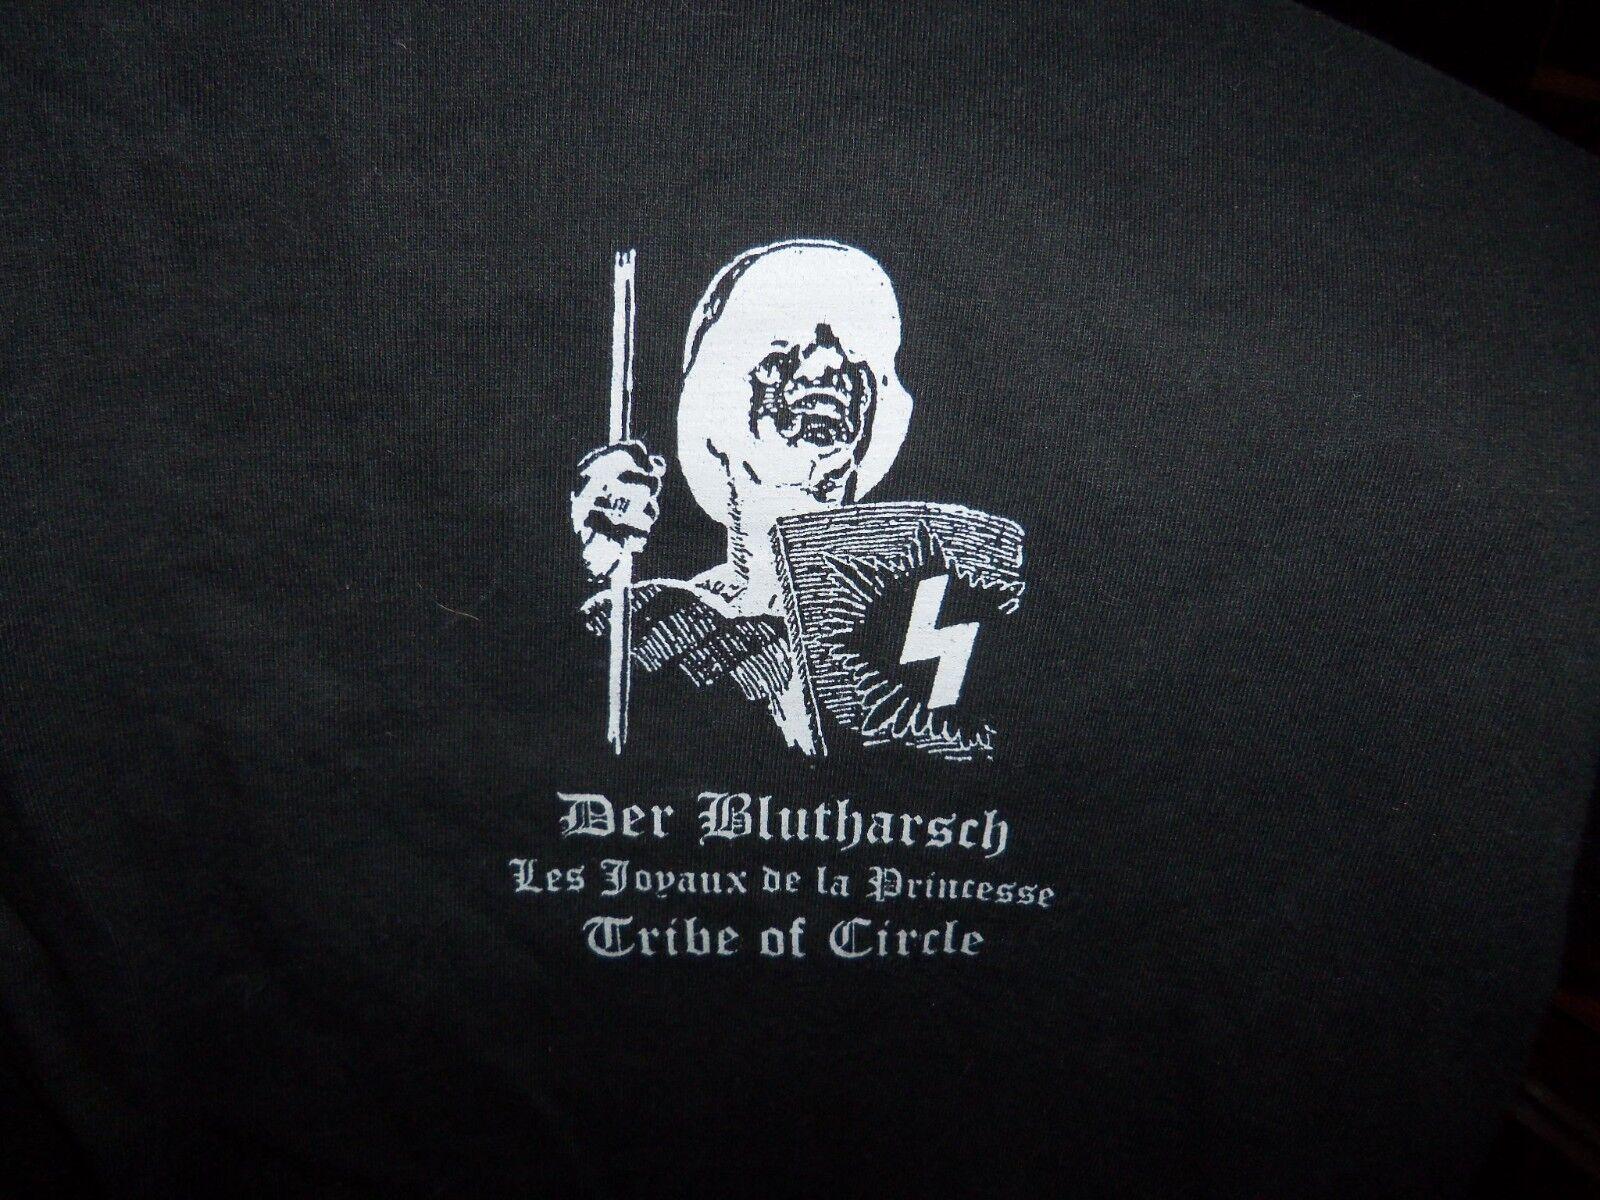 OFFICIAL DER BLUTHARSCH LJDLP TRIBE OF CIRCLE 2001 BRUSSELS FEST T-SHIRT M-SIZE